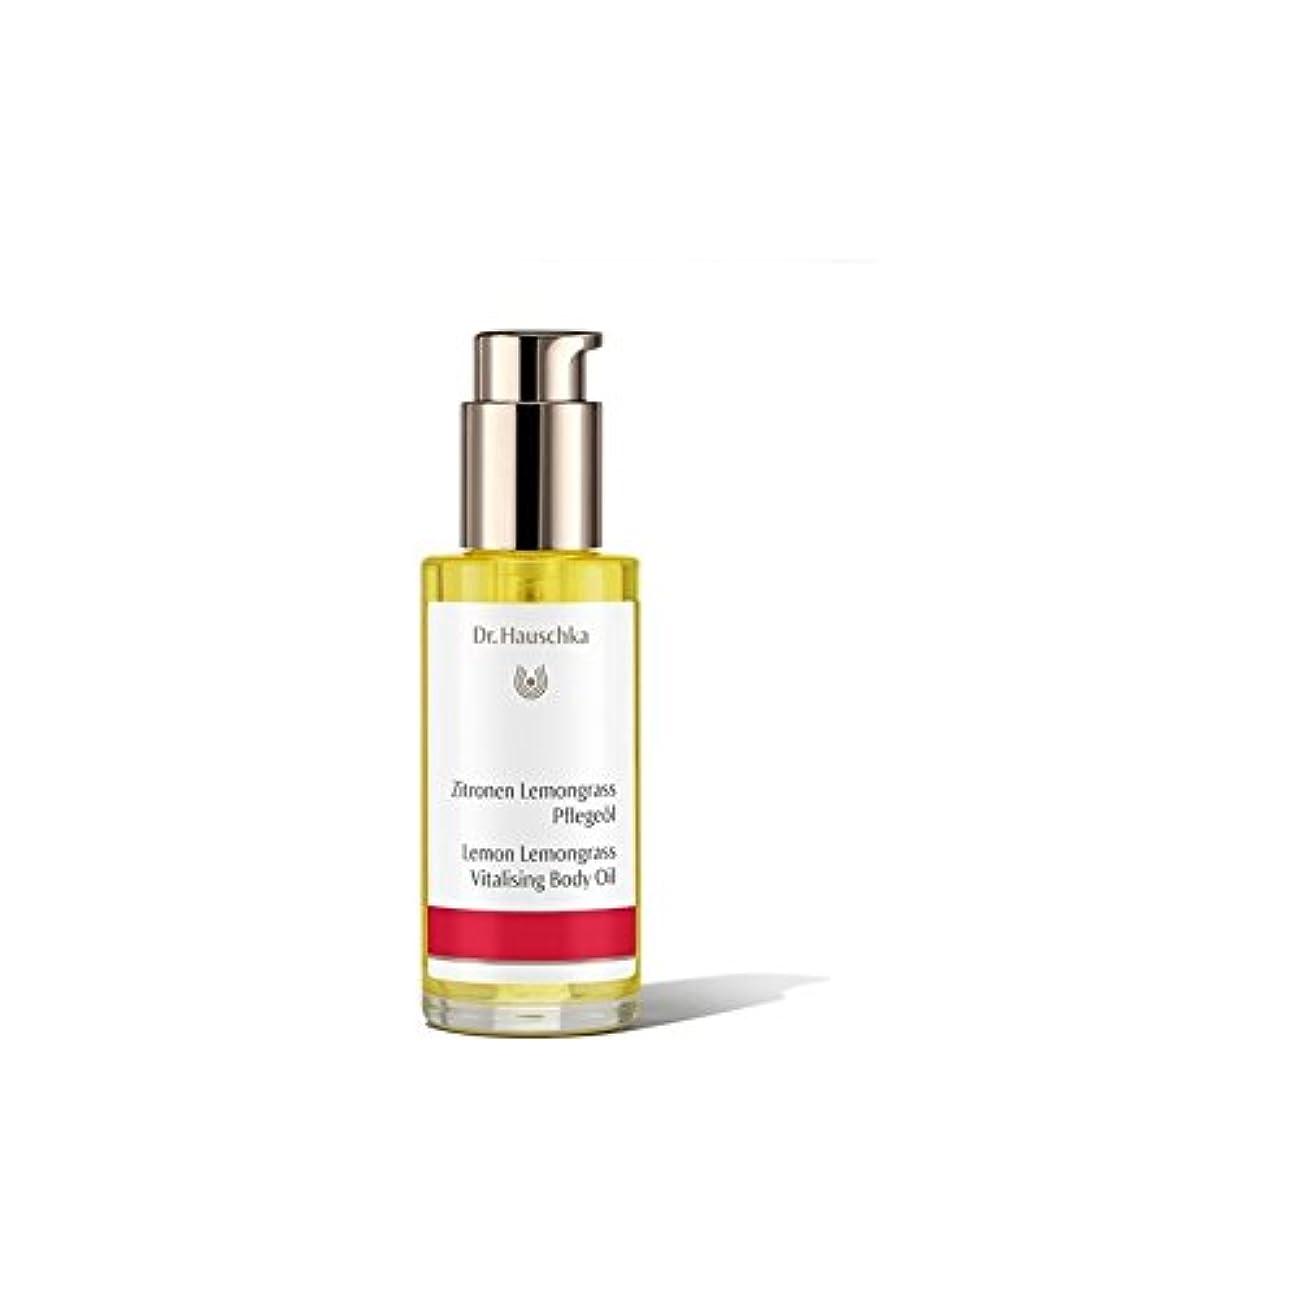 レトルトブレンド広がりハウシュカレモンレモングラスボディオイル(75ミリリットル) x2 - Dr. Hauschka Lemon Lemongrass Vitalising Body Oil (75ml) (Pack of 2) [並行輸入品]